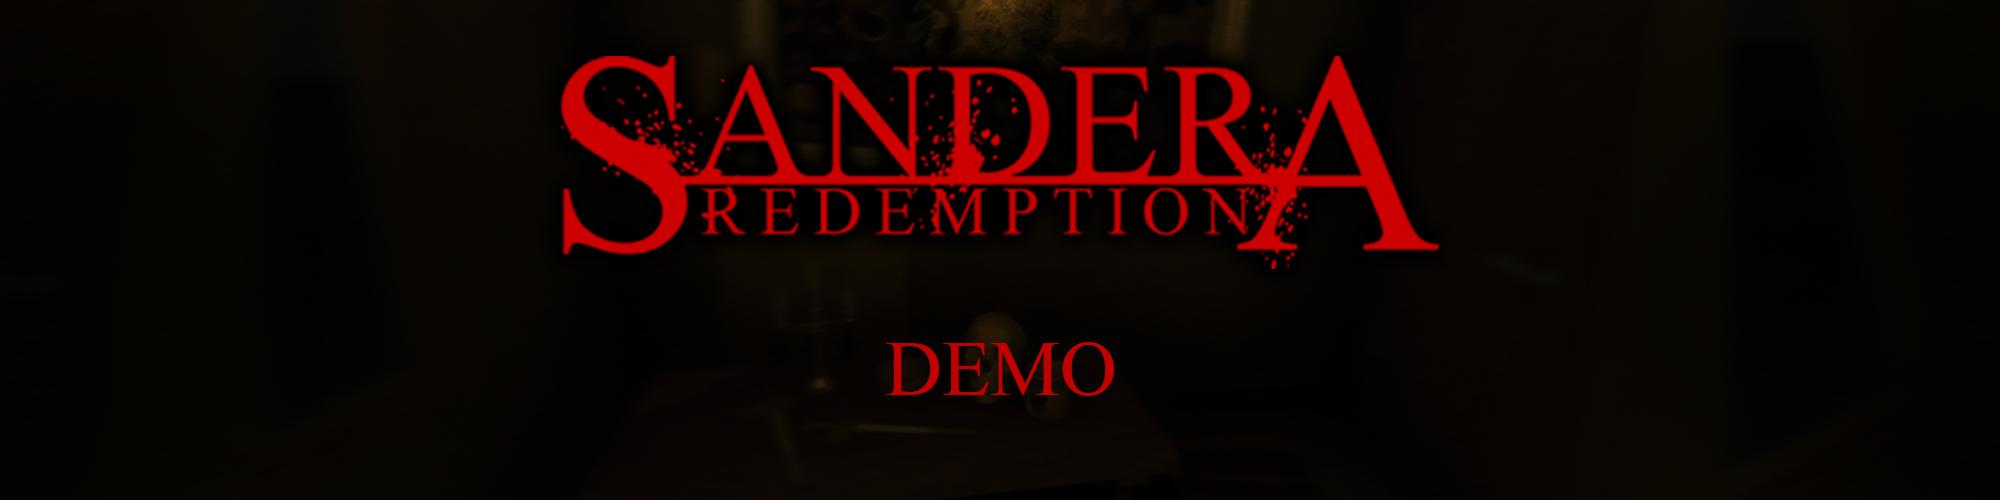 Sandera: Redemption DEMO